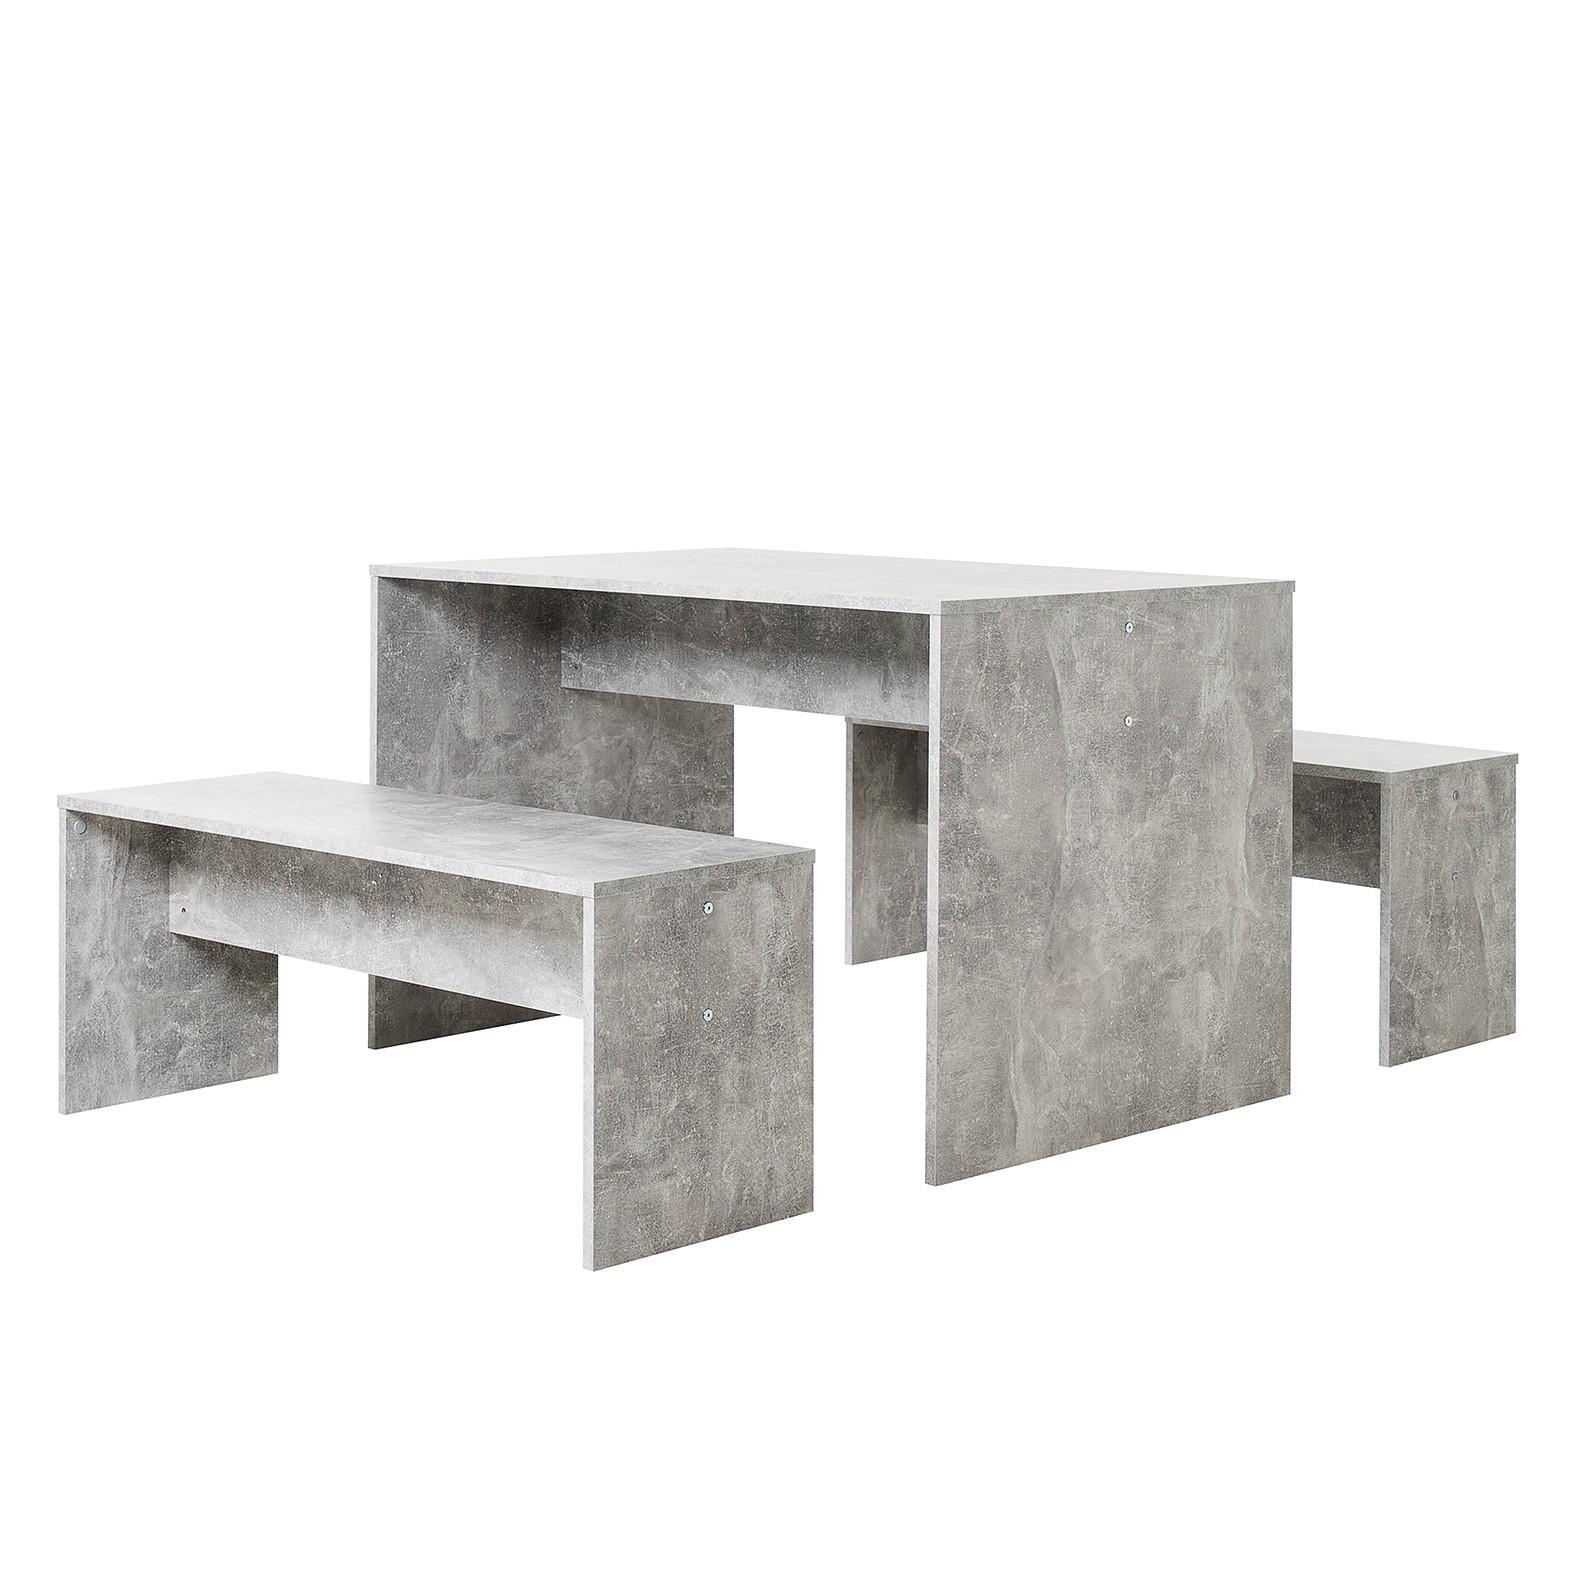 Eetgroep Panga (3-delig) - Concrete look, mooved